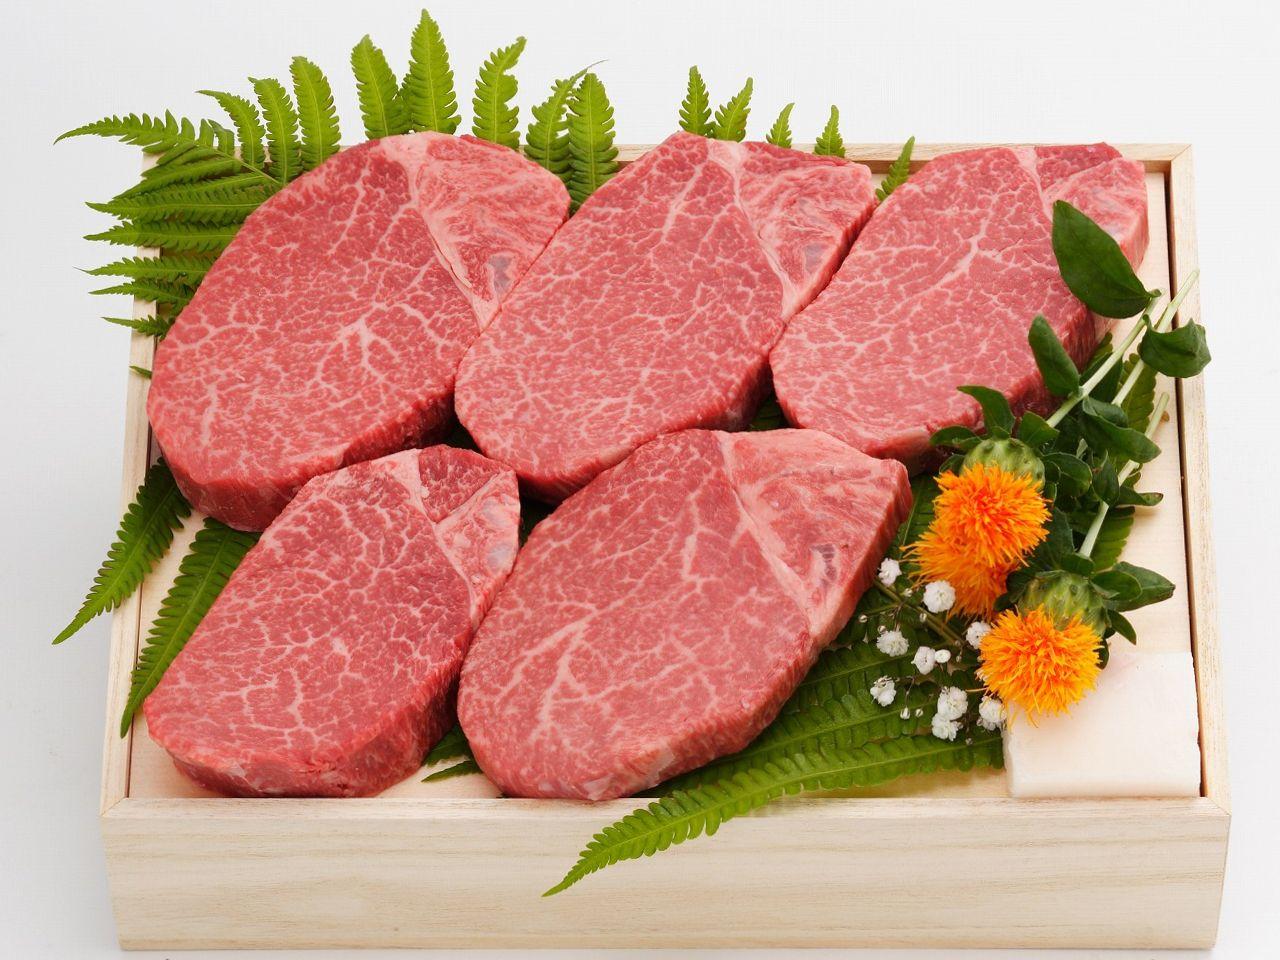 ヒレステーキ 米沢牛